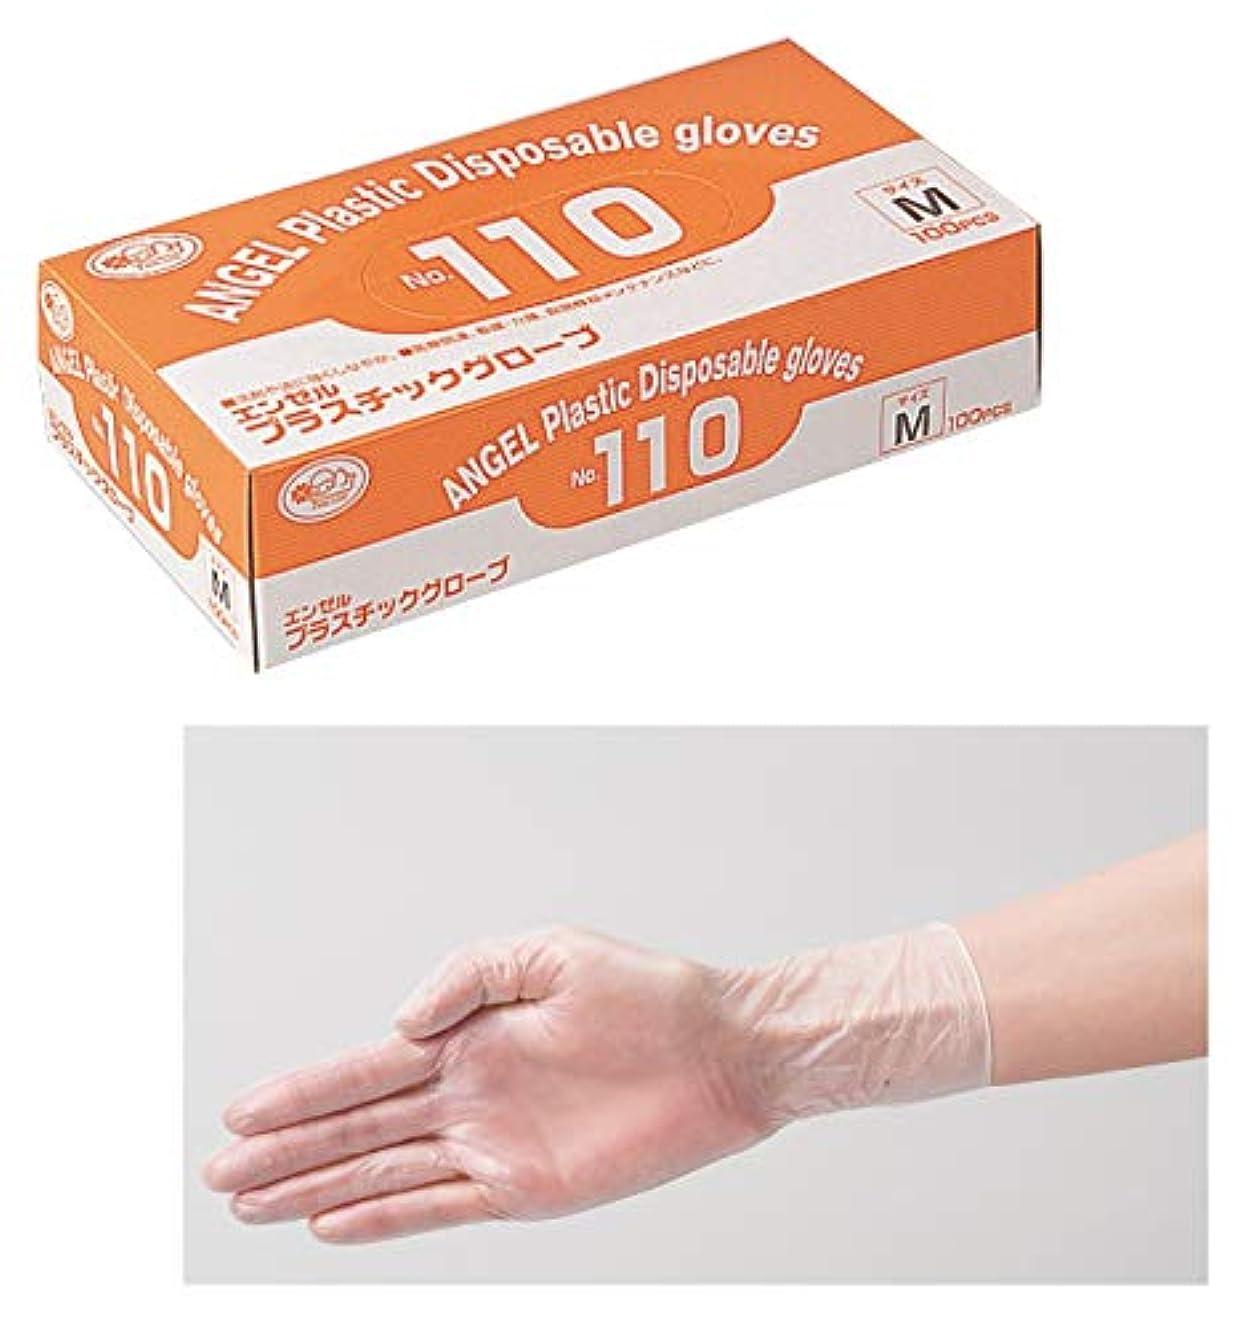 手入れ器官抽象化サンフラワー No.110 プラスチックグローブ 粉付 100枚入り (L)